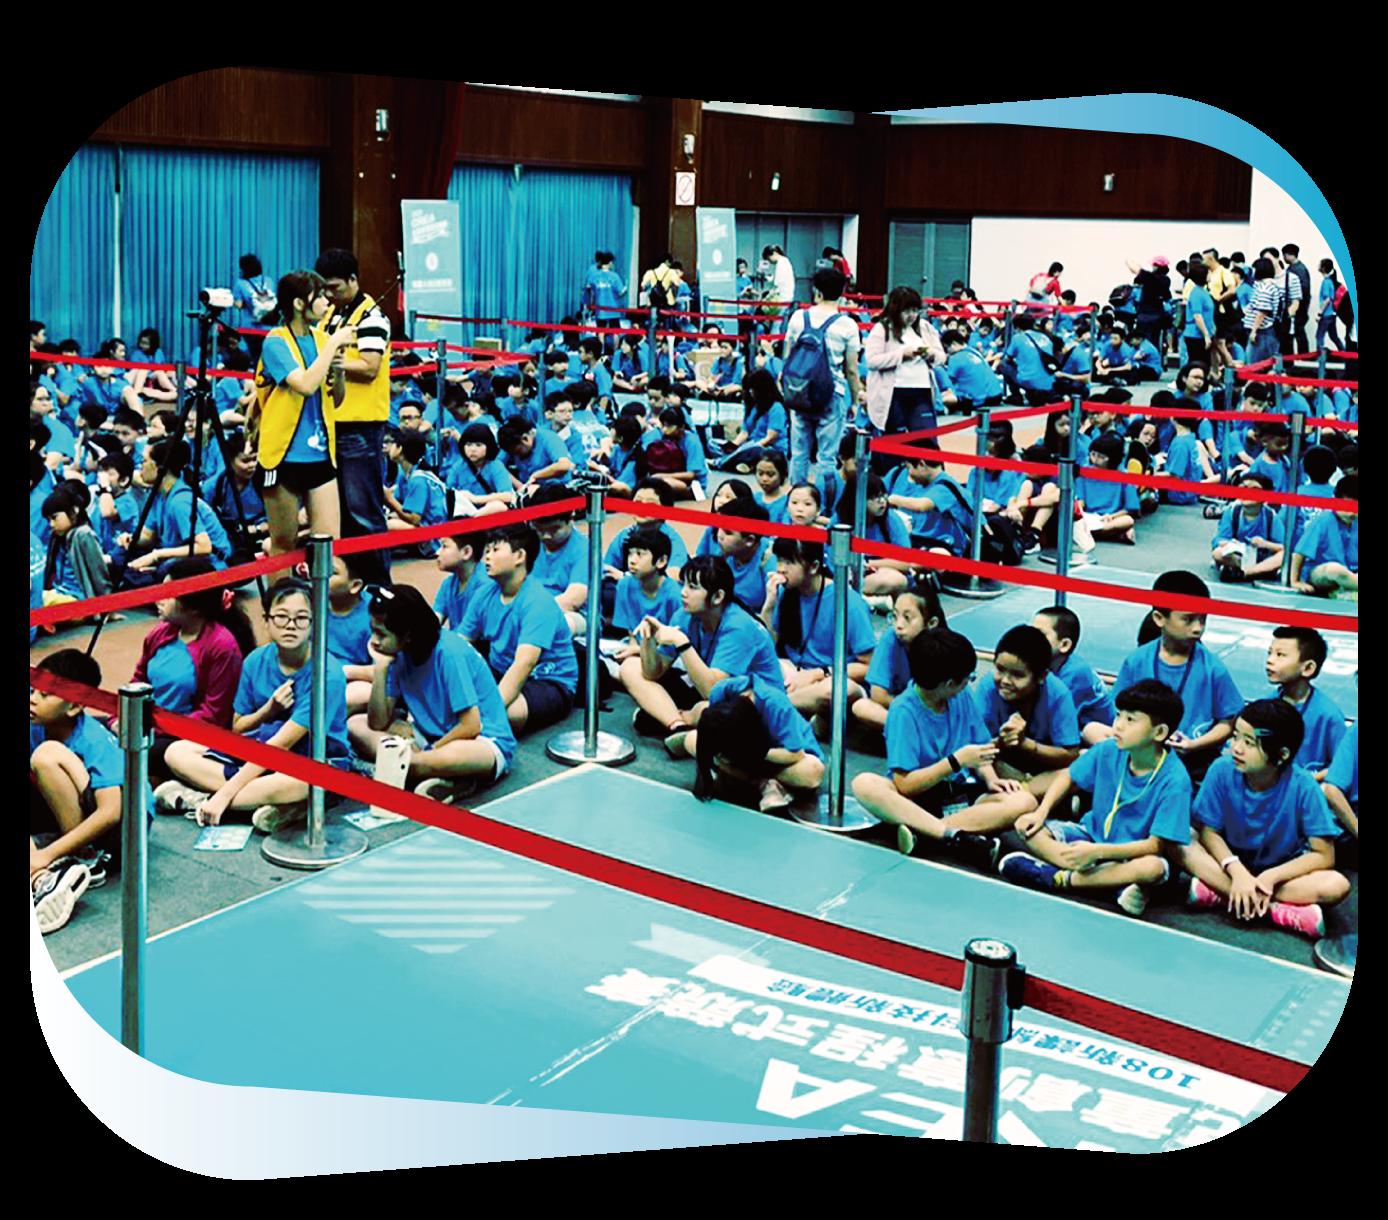 中華機器人教育推廣學會競賽指名使用,全台累計超過 1,000 名學童參賽,競賽過程充分鍛鍊和應用邏輯思考力